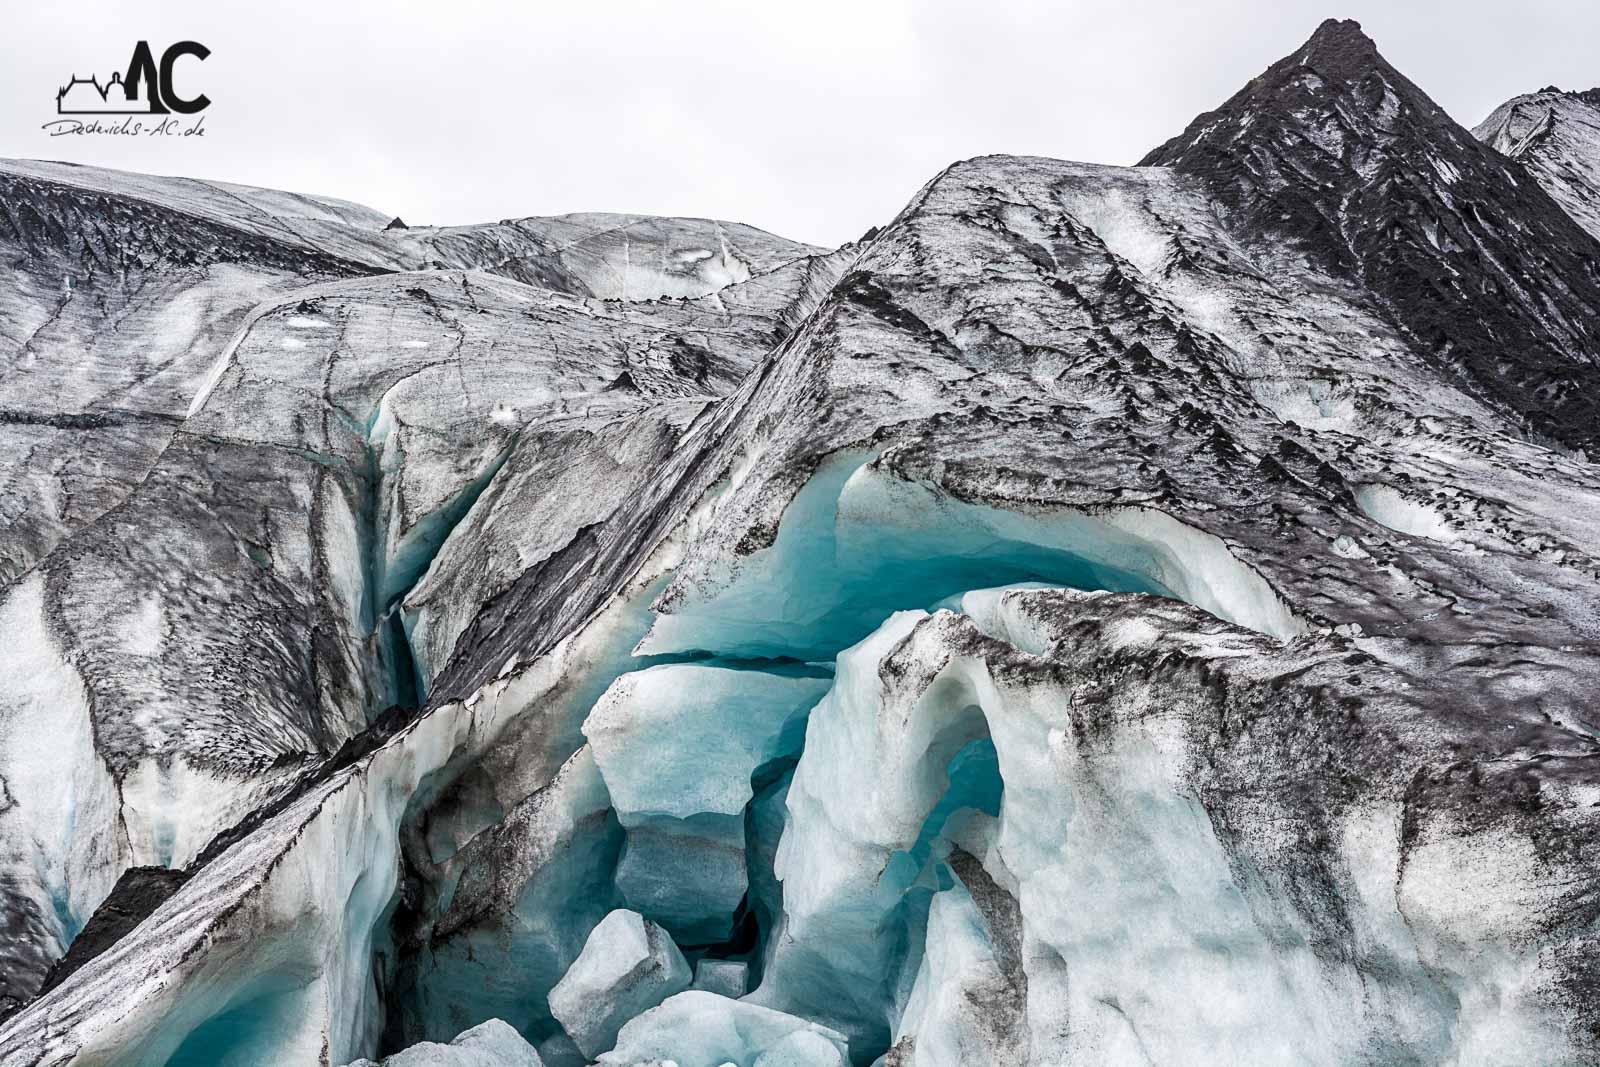 Das Eis ist mit der Asche des Vulkanausbruchs von 2010 belegt